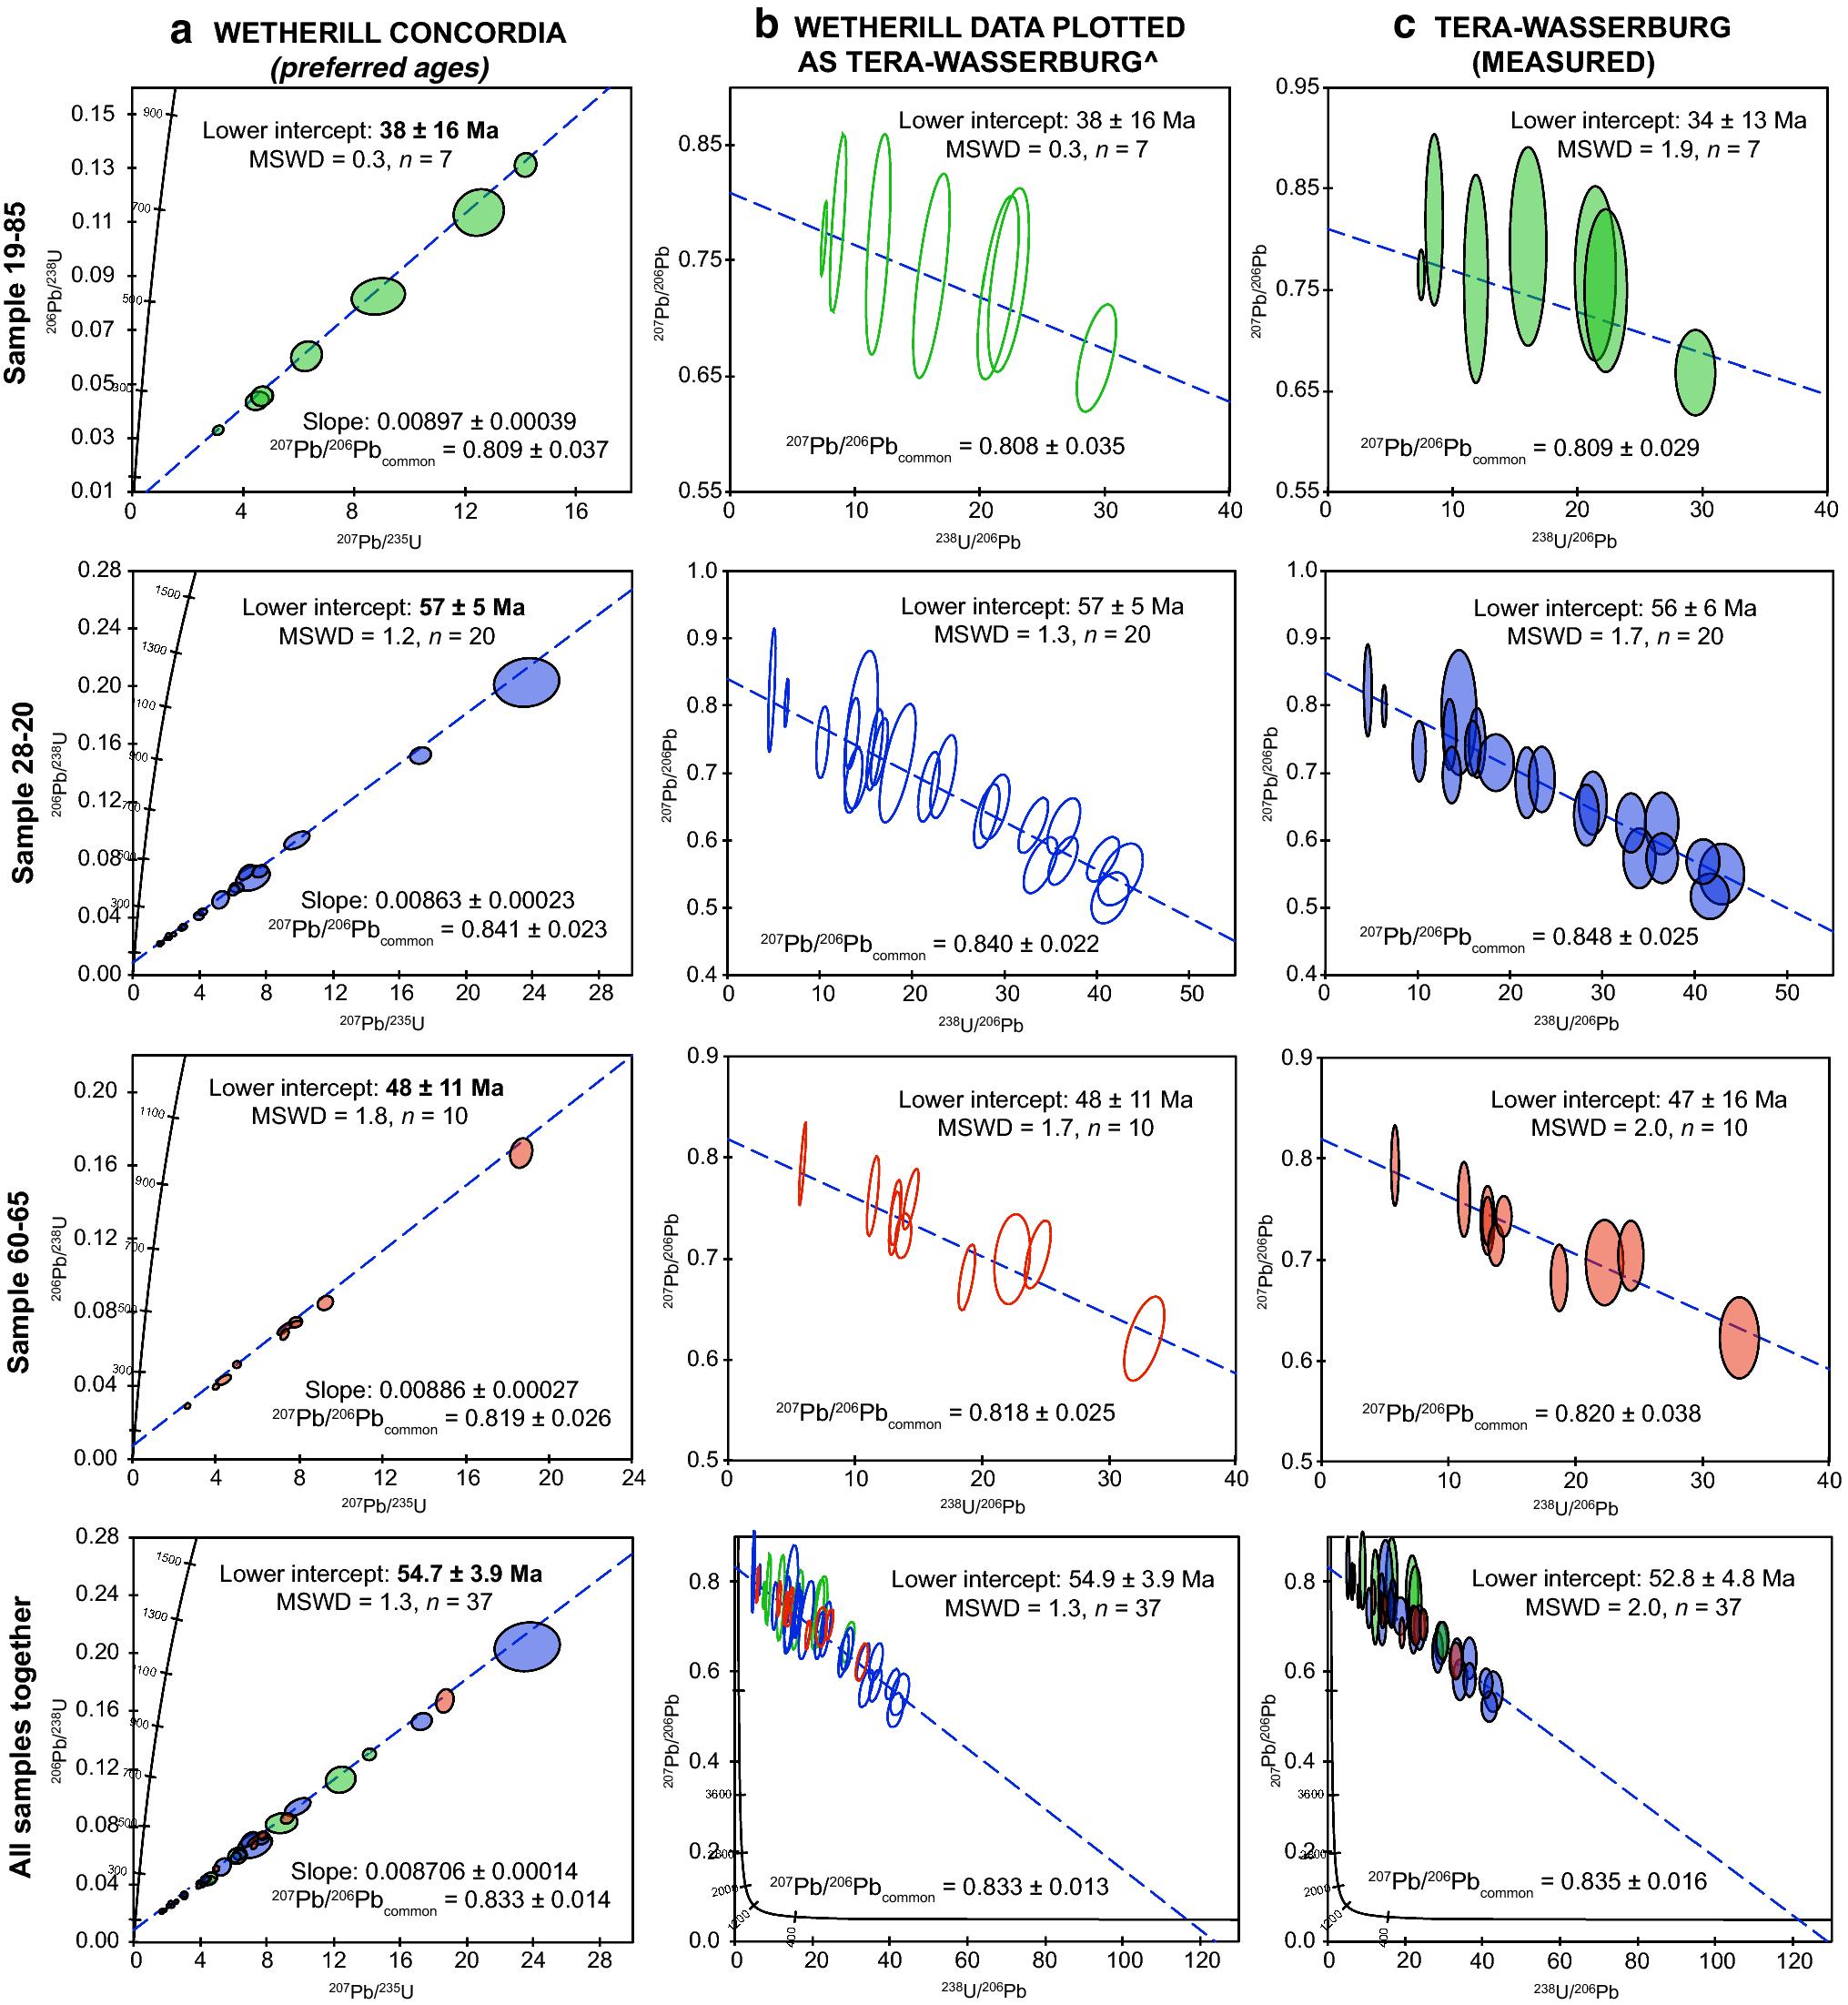 in situ rutil u-PB dating av laser ablation-MC-ICP MS metoder för att datera jordens ålder